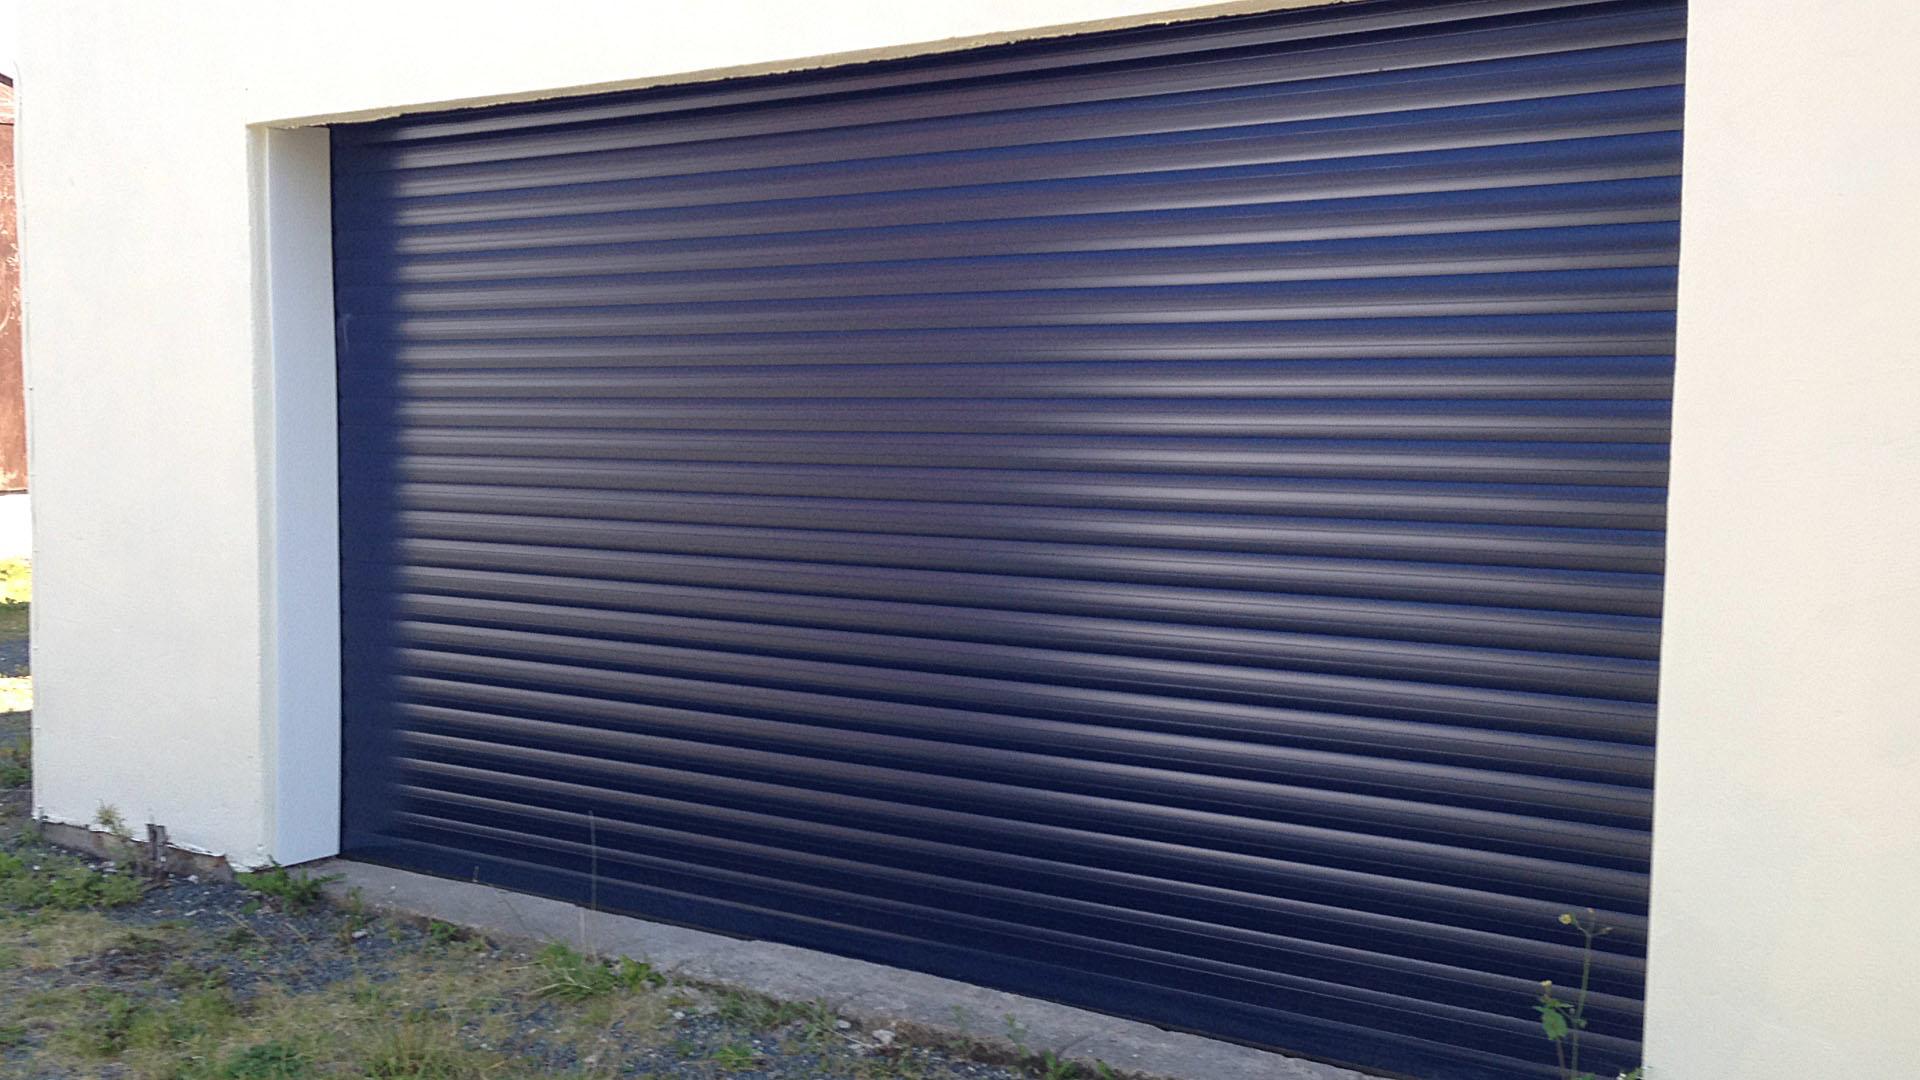 1080 #8D683E Blue Roller Garage Door Installed In Foxholes North Yorkshire wallpaper Roller Garage Doors 18951920